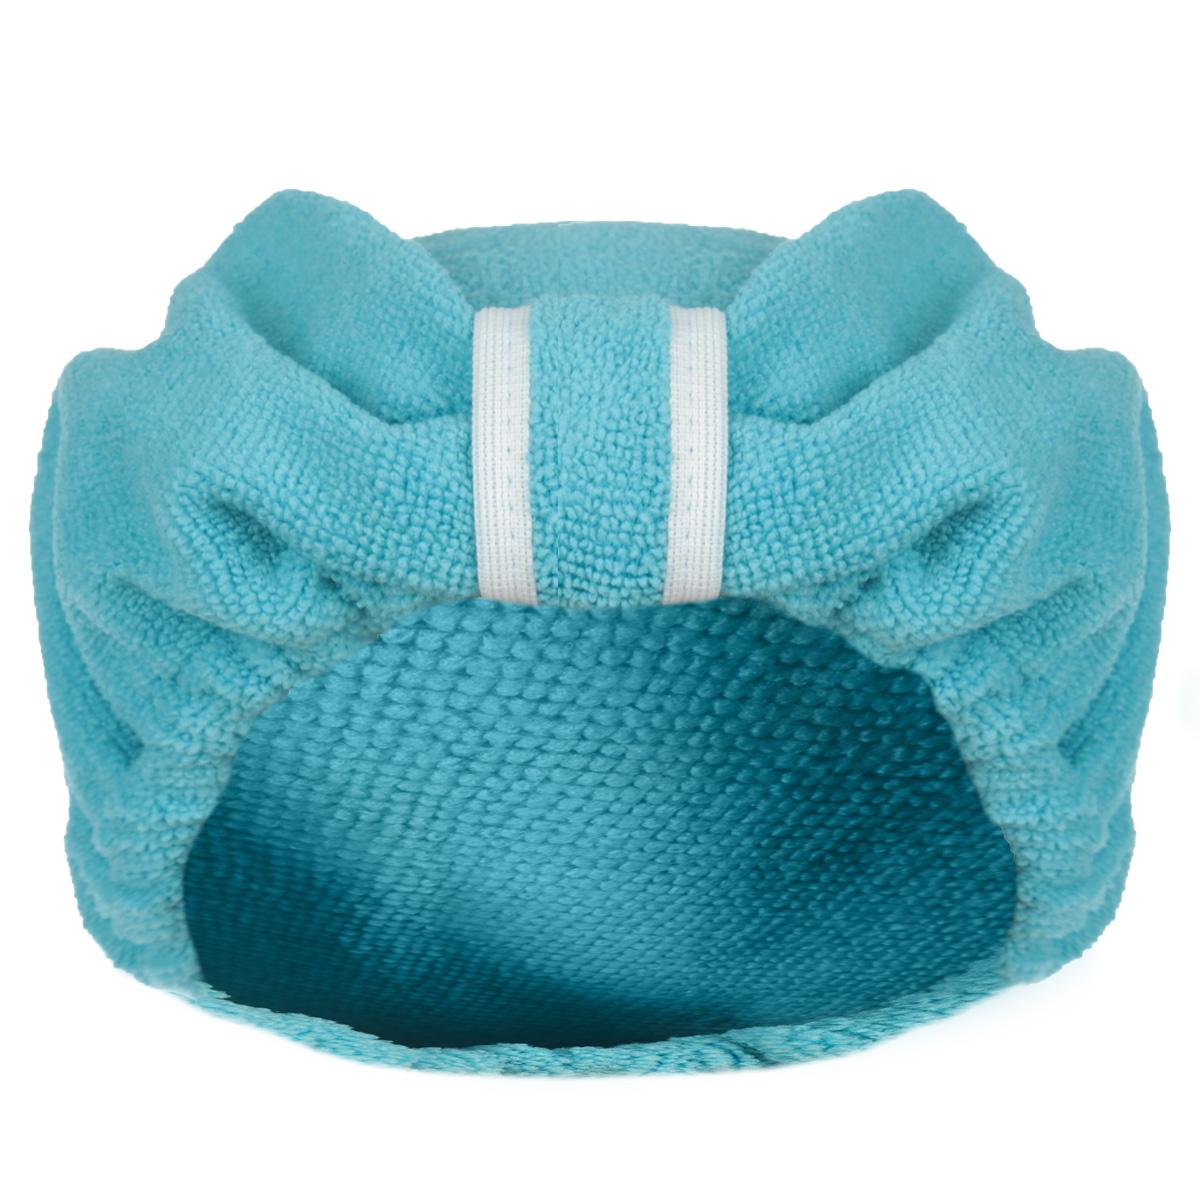 Чалма для сушки волос Главбаня, цвет: бирюзовыйБ90_бирюзовыйЧалма Главбаня выполнена из полиэстера и полиамида. Обеспечивает щадящую и комфортную сушку волос после мытья, держится и выглядит лучше обычного полотенца. Чалма также может использоваться при нанесении макияжа и косметических процедурах, для защиты волос в сауне. Прекрасно впитывает влагу и подходит для волос любой длины. Чалма Главбаня пригодится вам не только дома, но и в поездке, на даче, после занятий спортом. Максимальный обхват головы: 68 см.